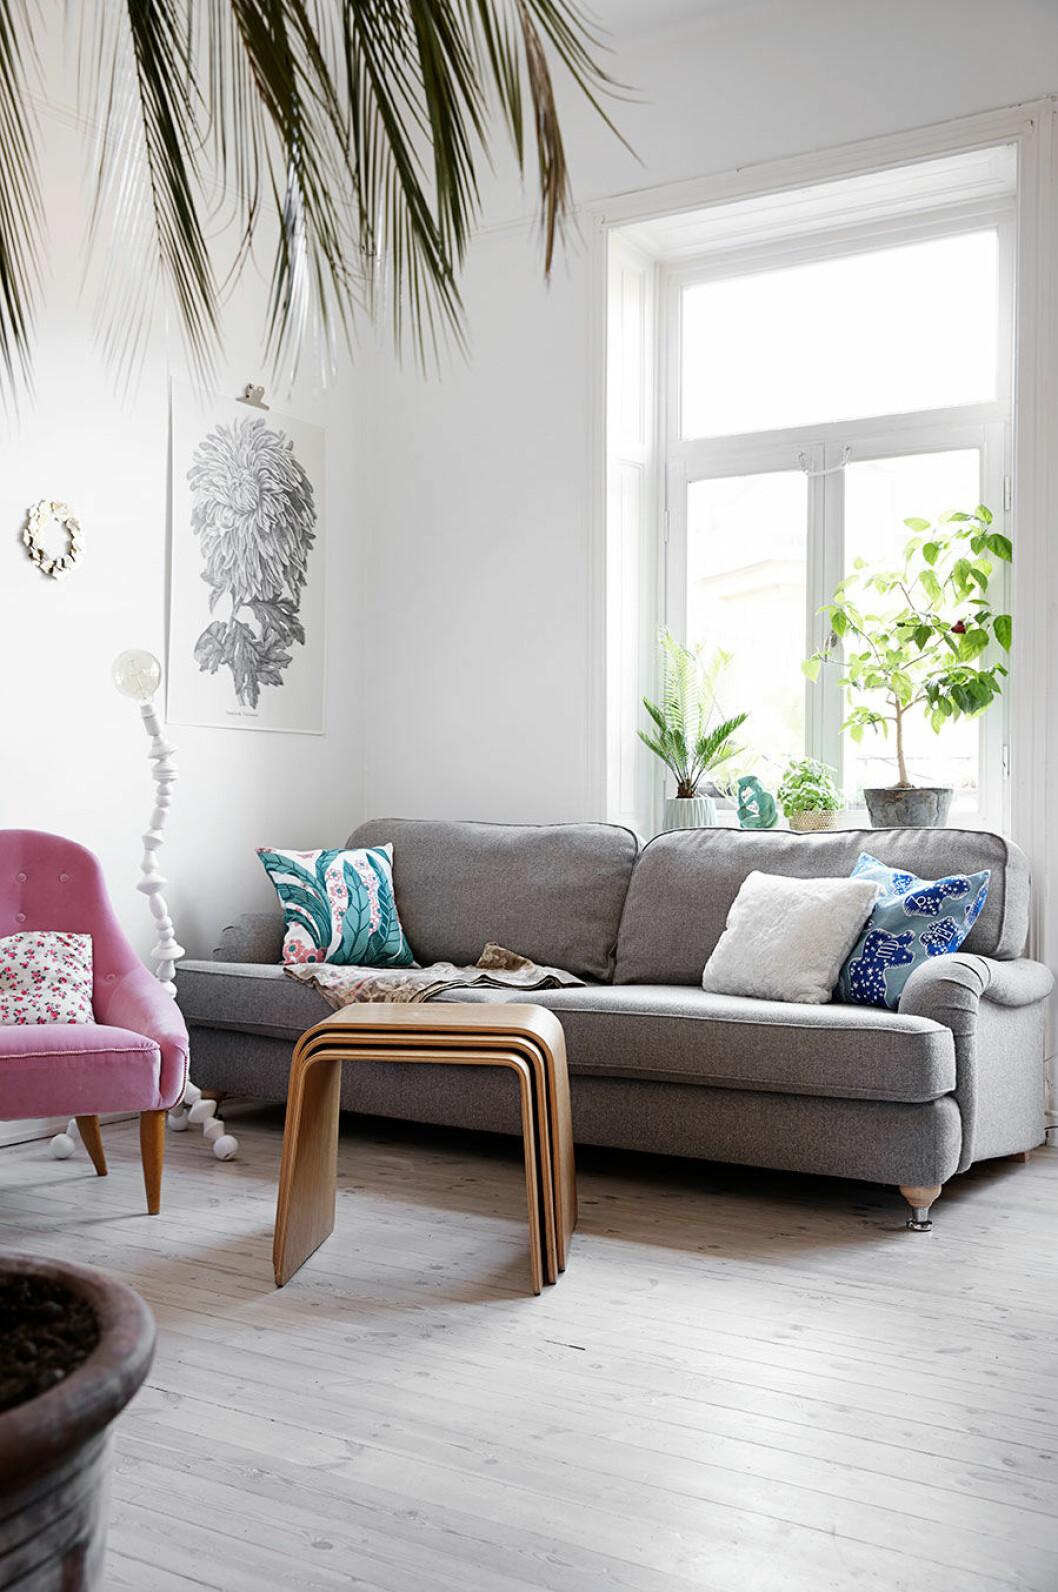 Grå soffa och ljusrosa fåtölj i vardagsrummet